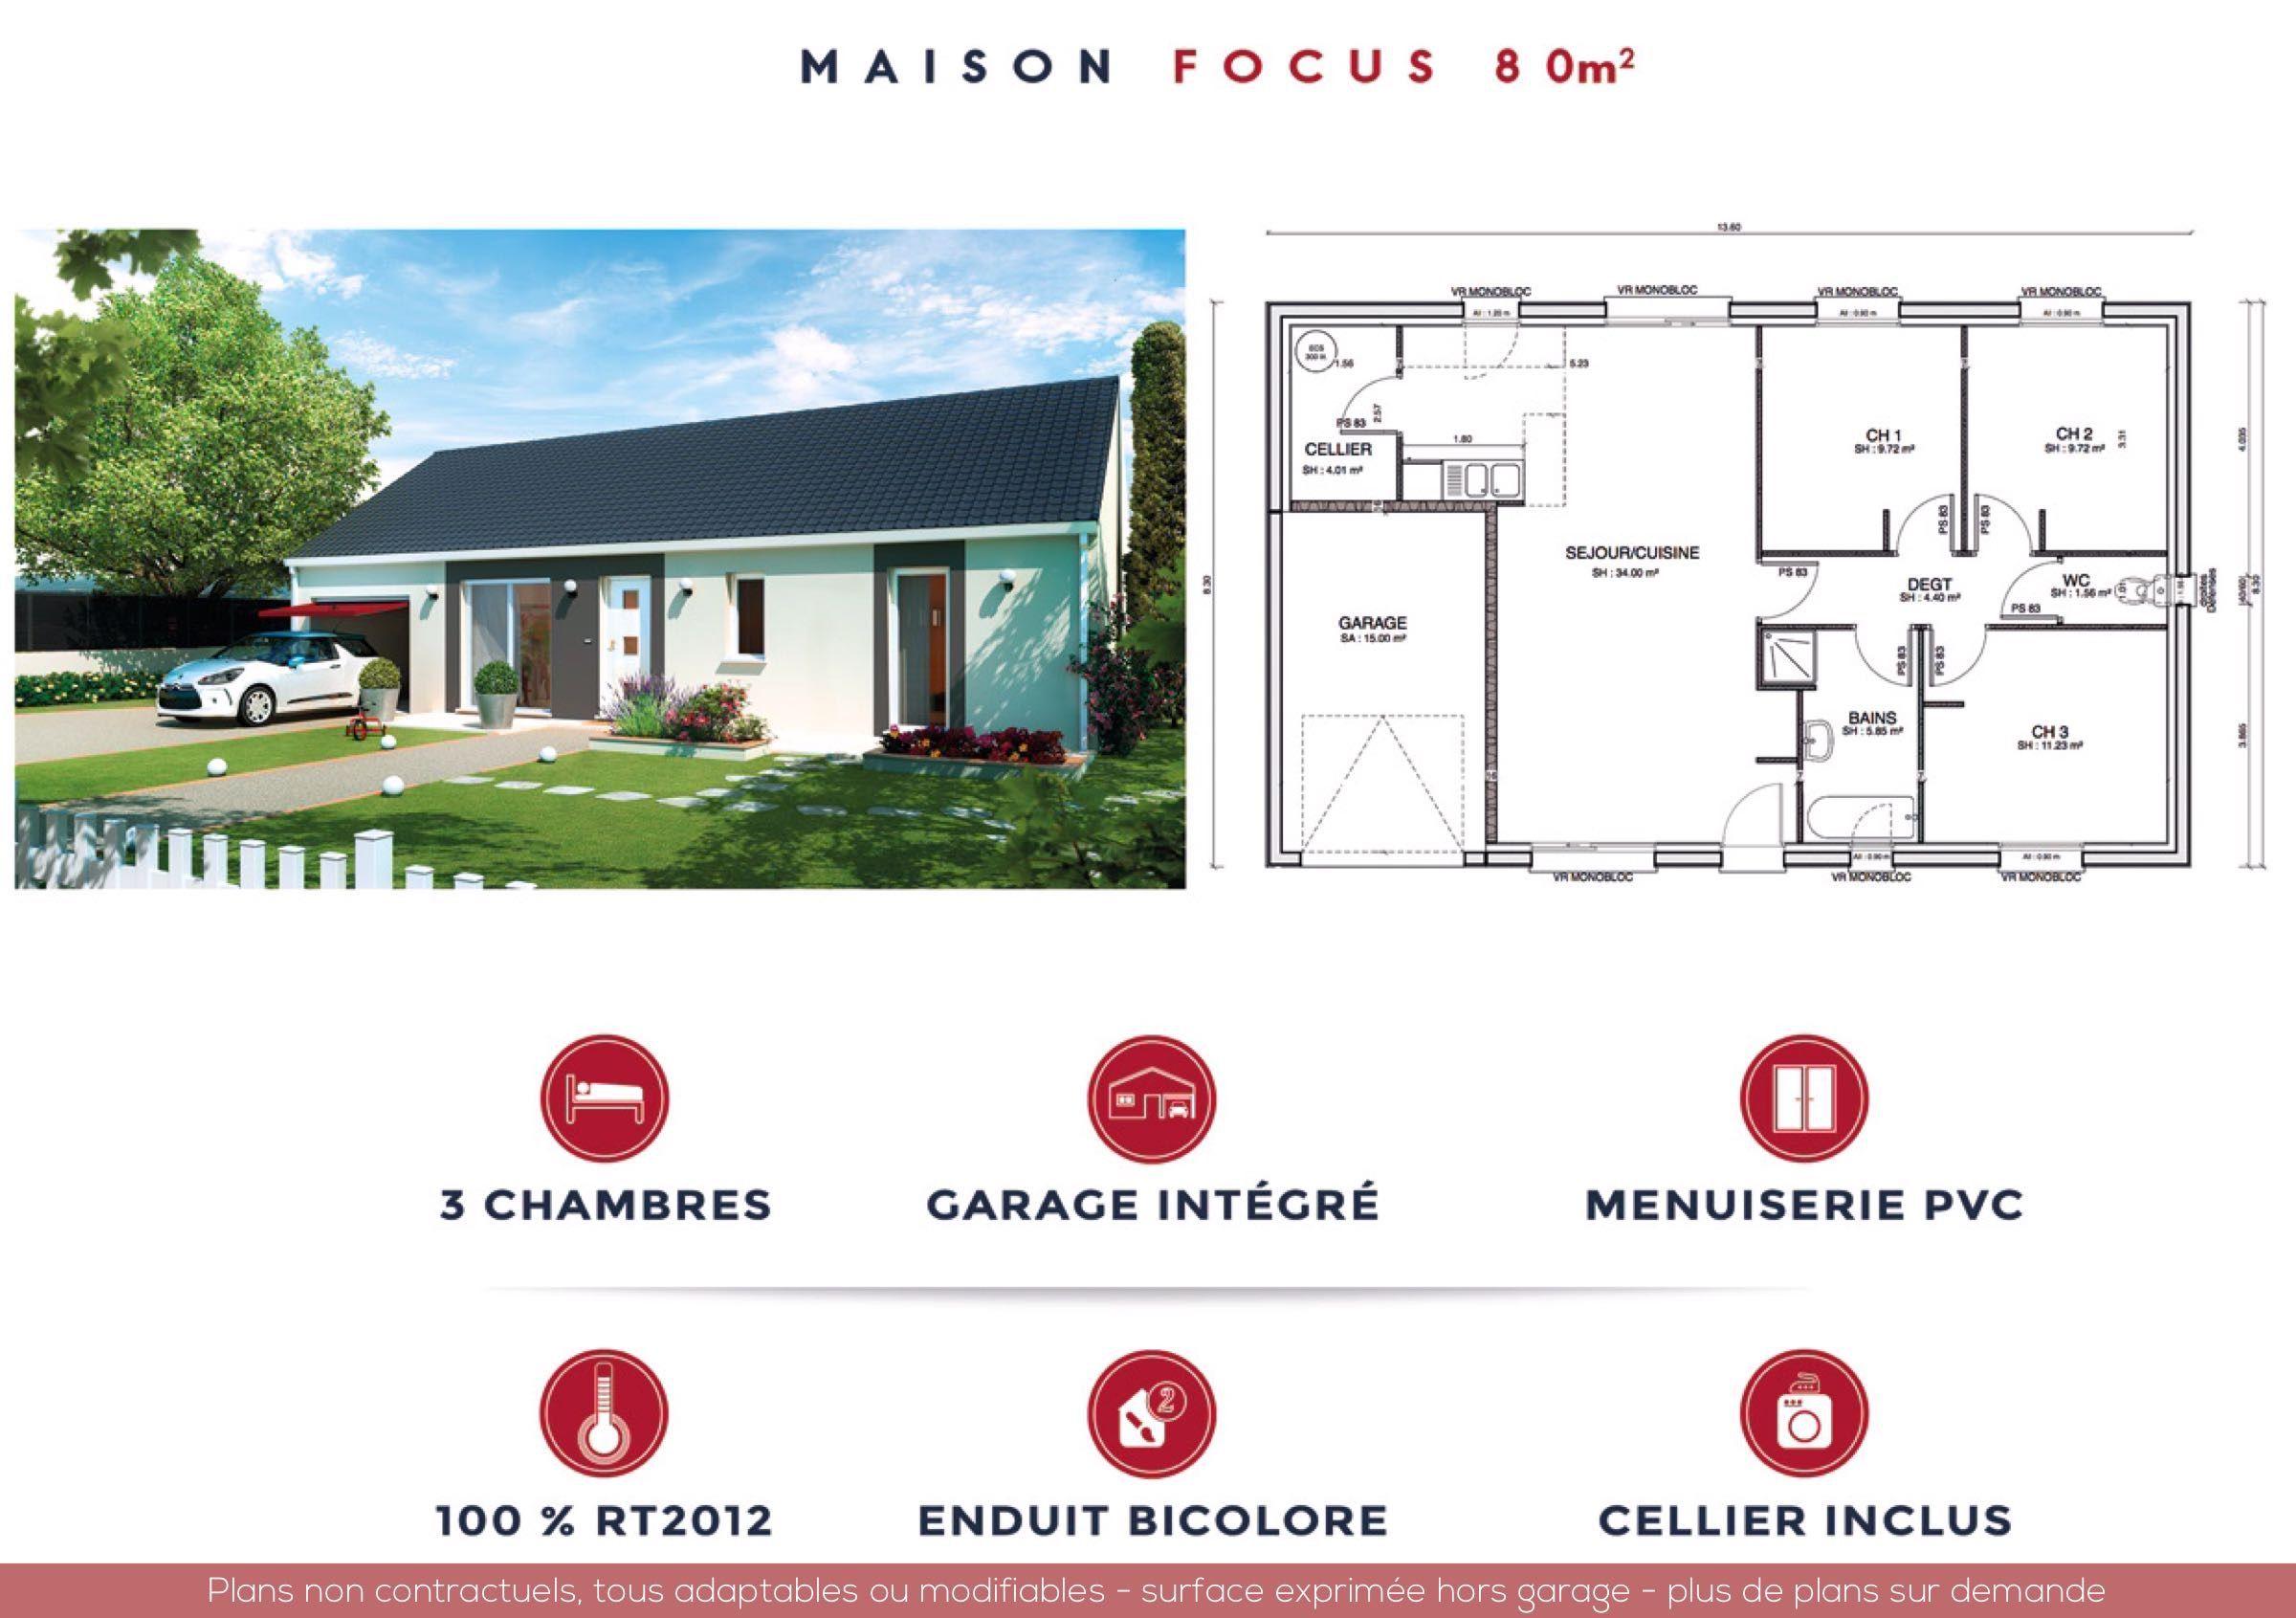 Focus 80m2 87000 Maison Plain Pied Menuiserie Pvc Maison